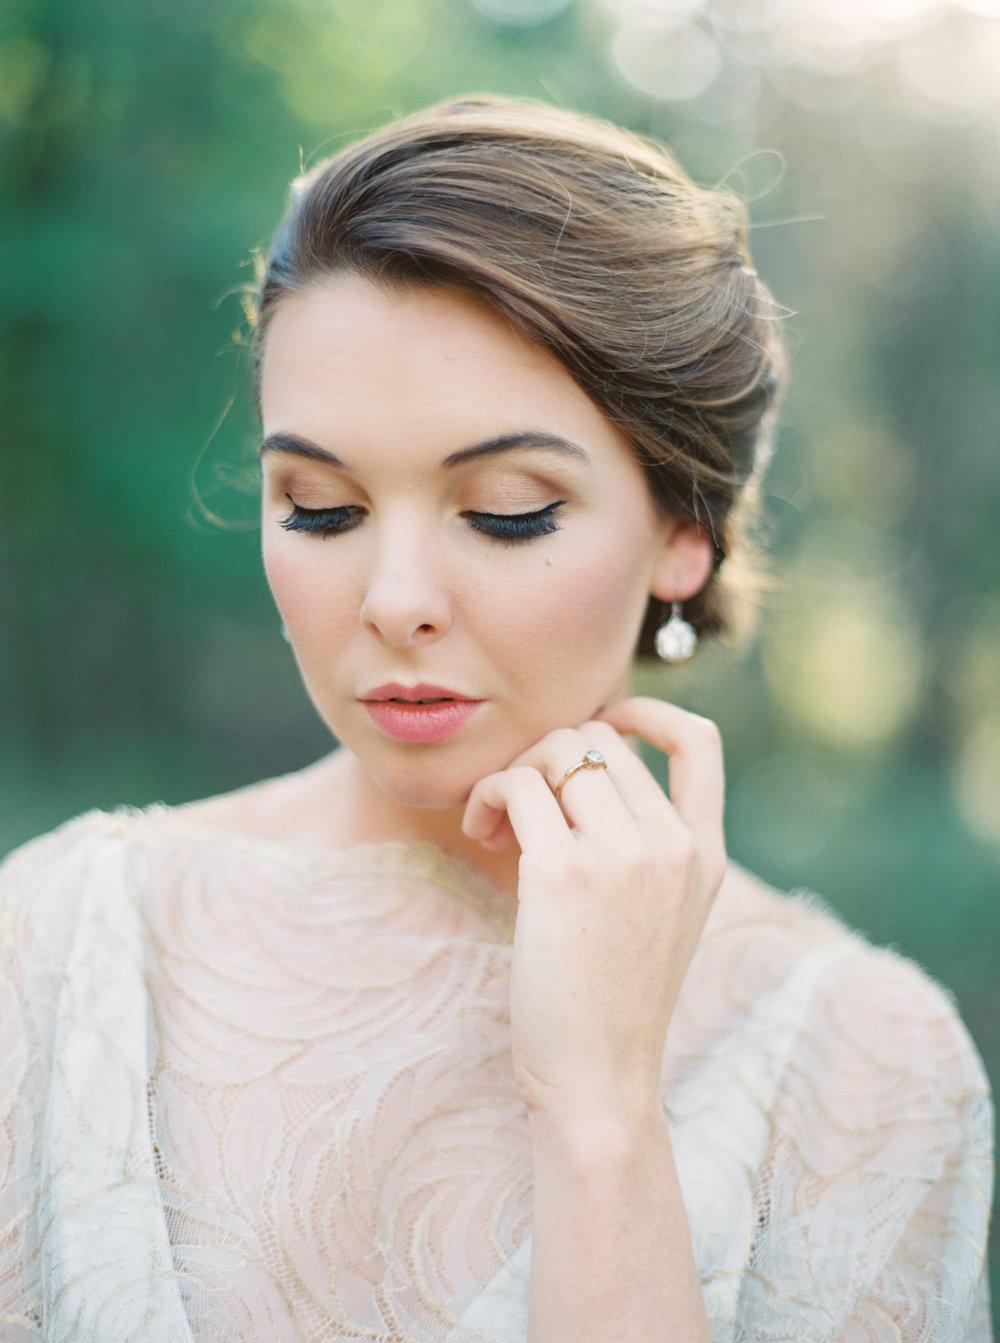 Flourish Bridal Session for Utterly Engaged |   Sawyer Baird